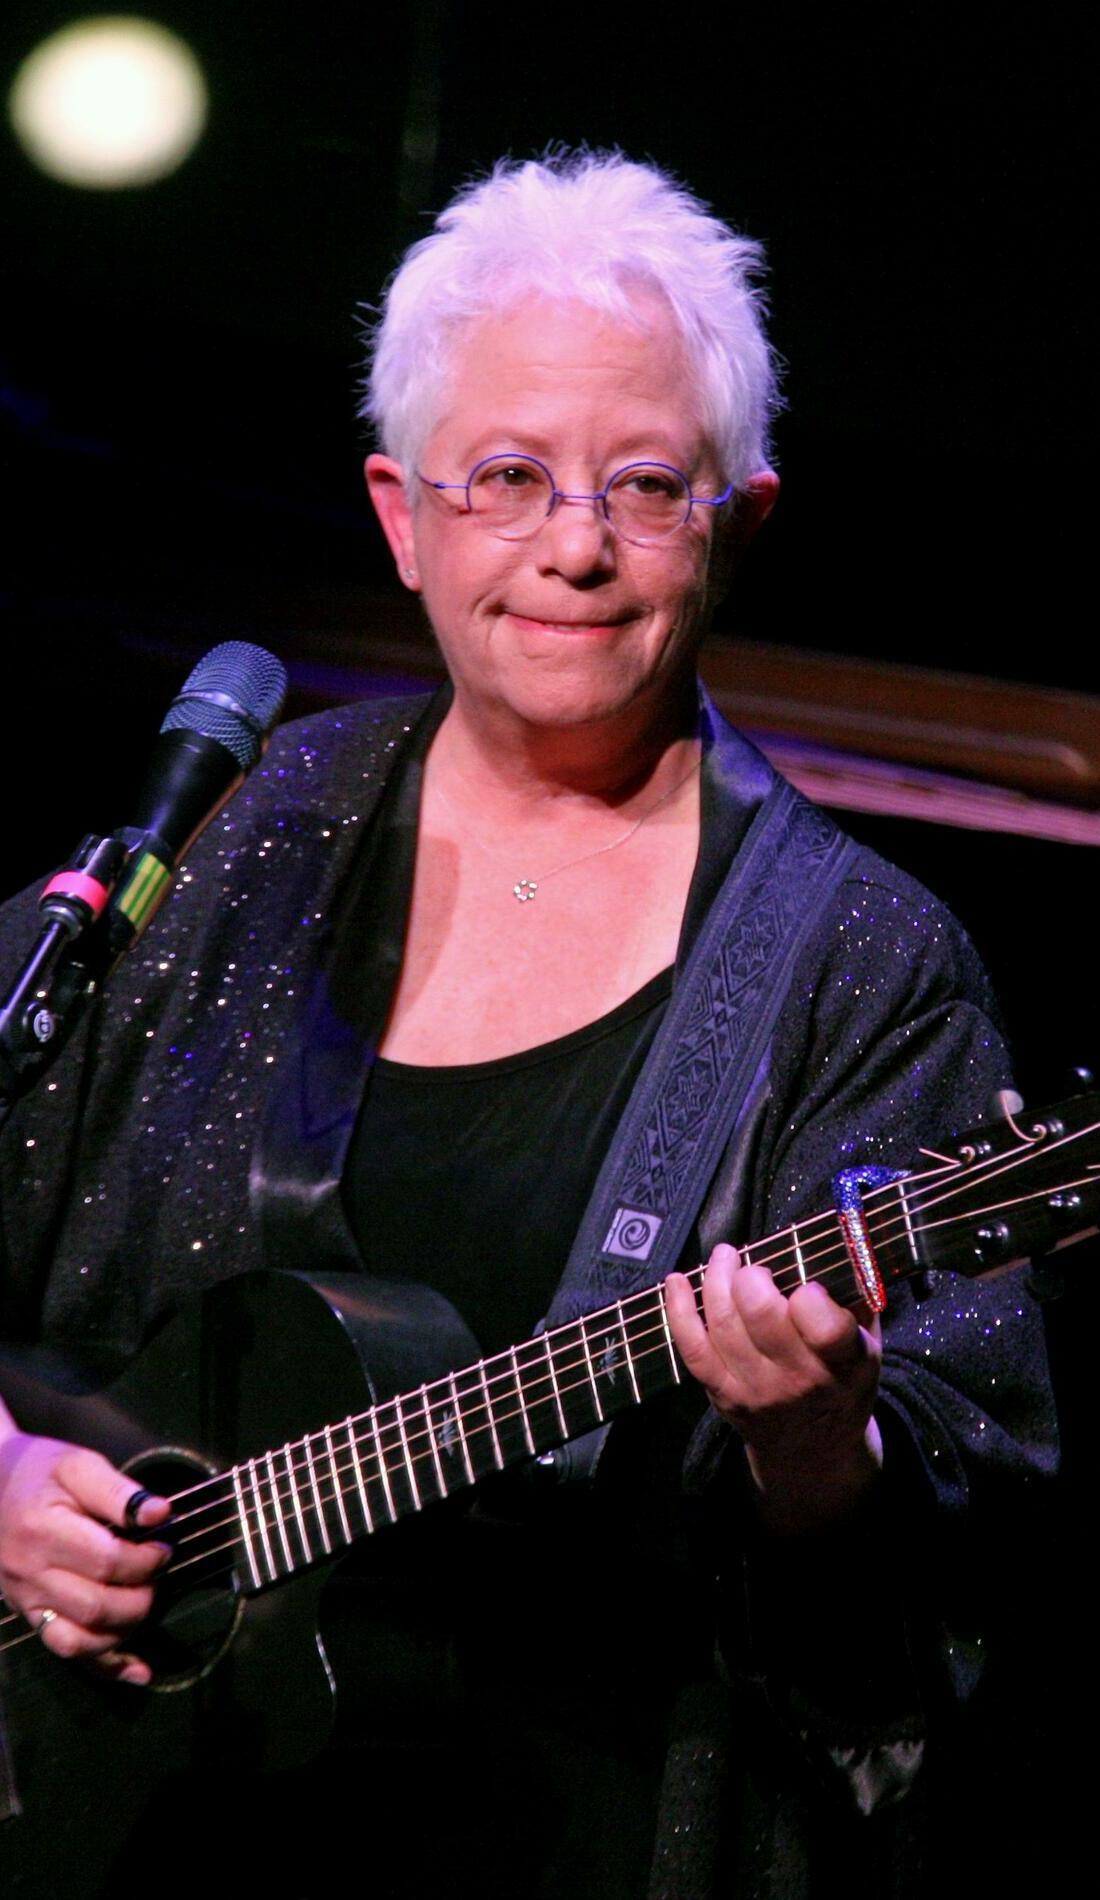 A Janis Ian live event